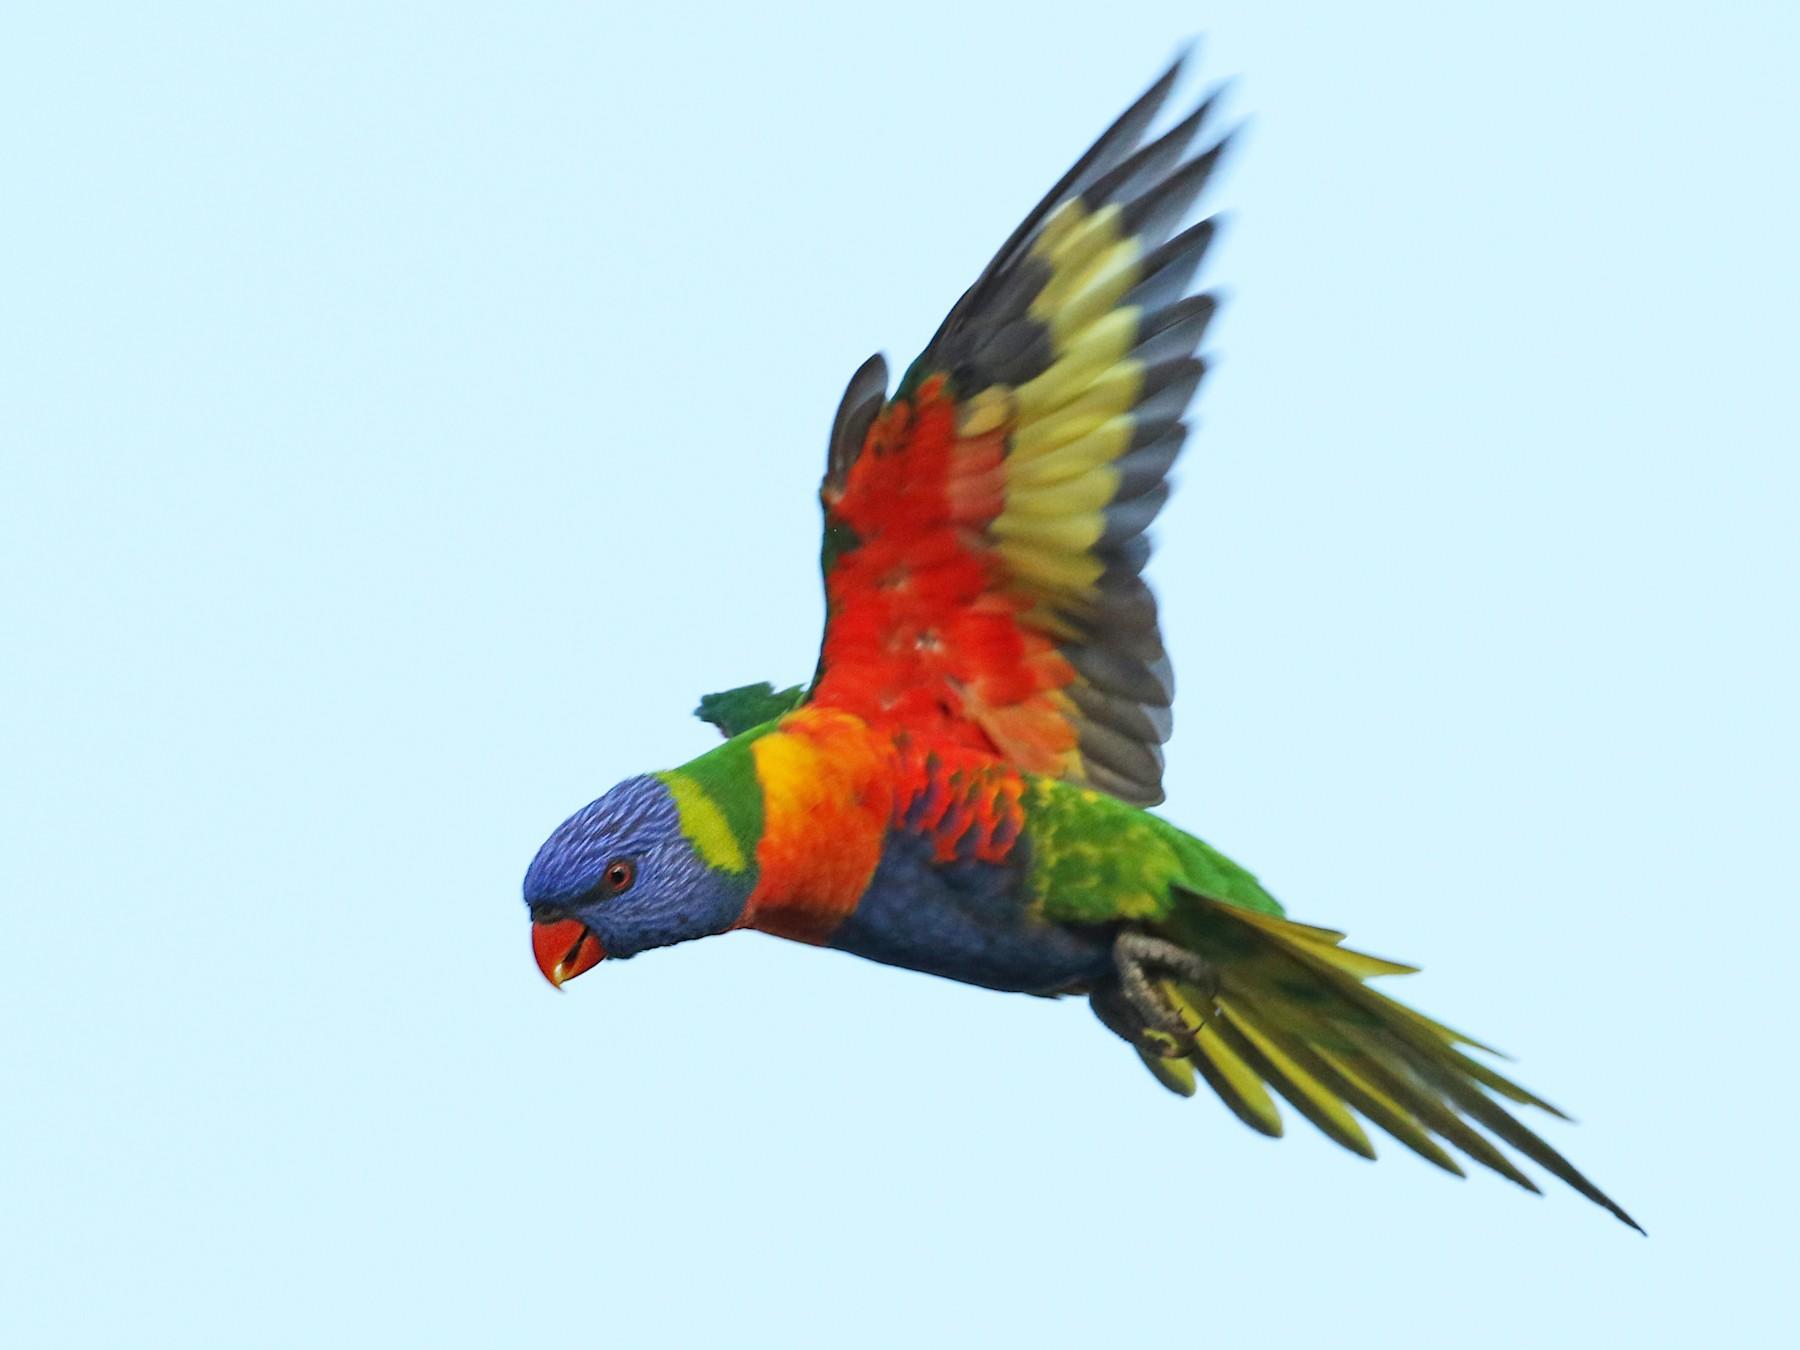 rainbow lorikeet sp. - Luke Seitz